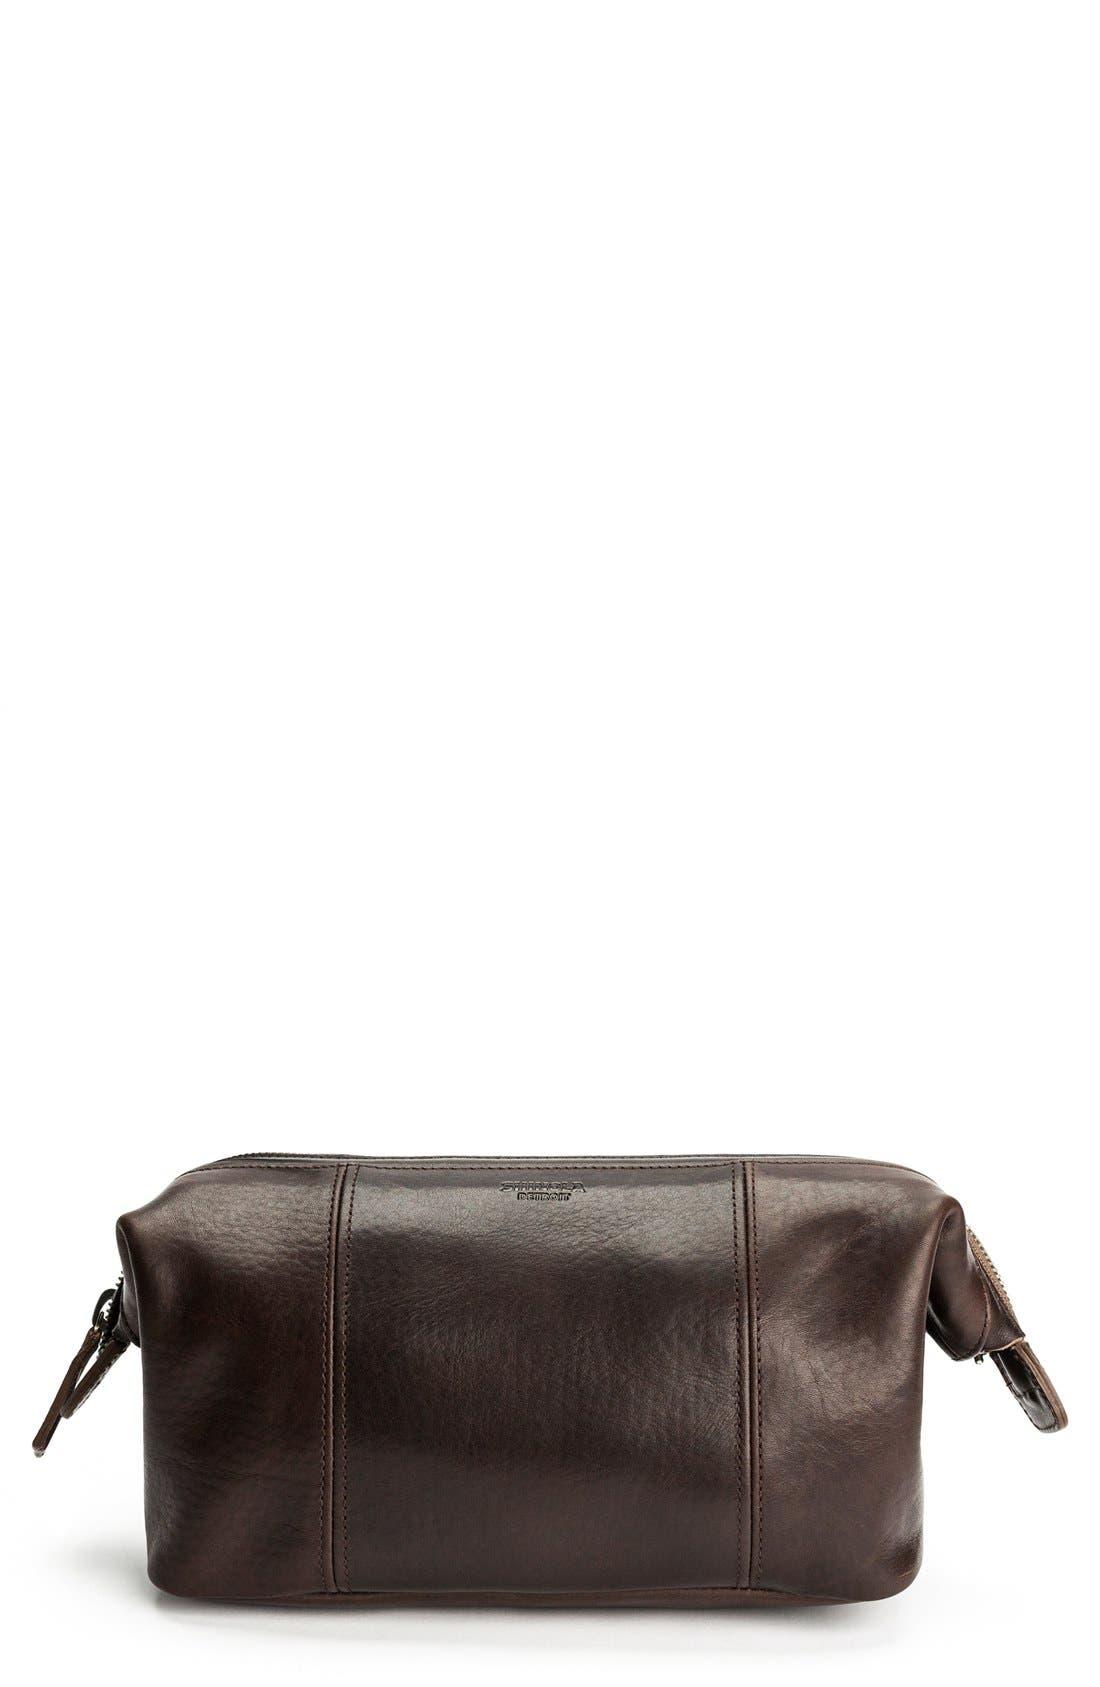 Shinola Leather Travel Kit